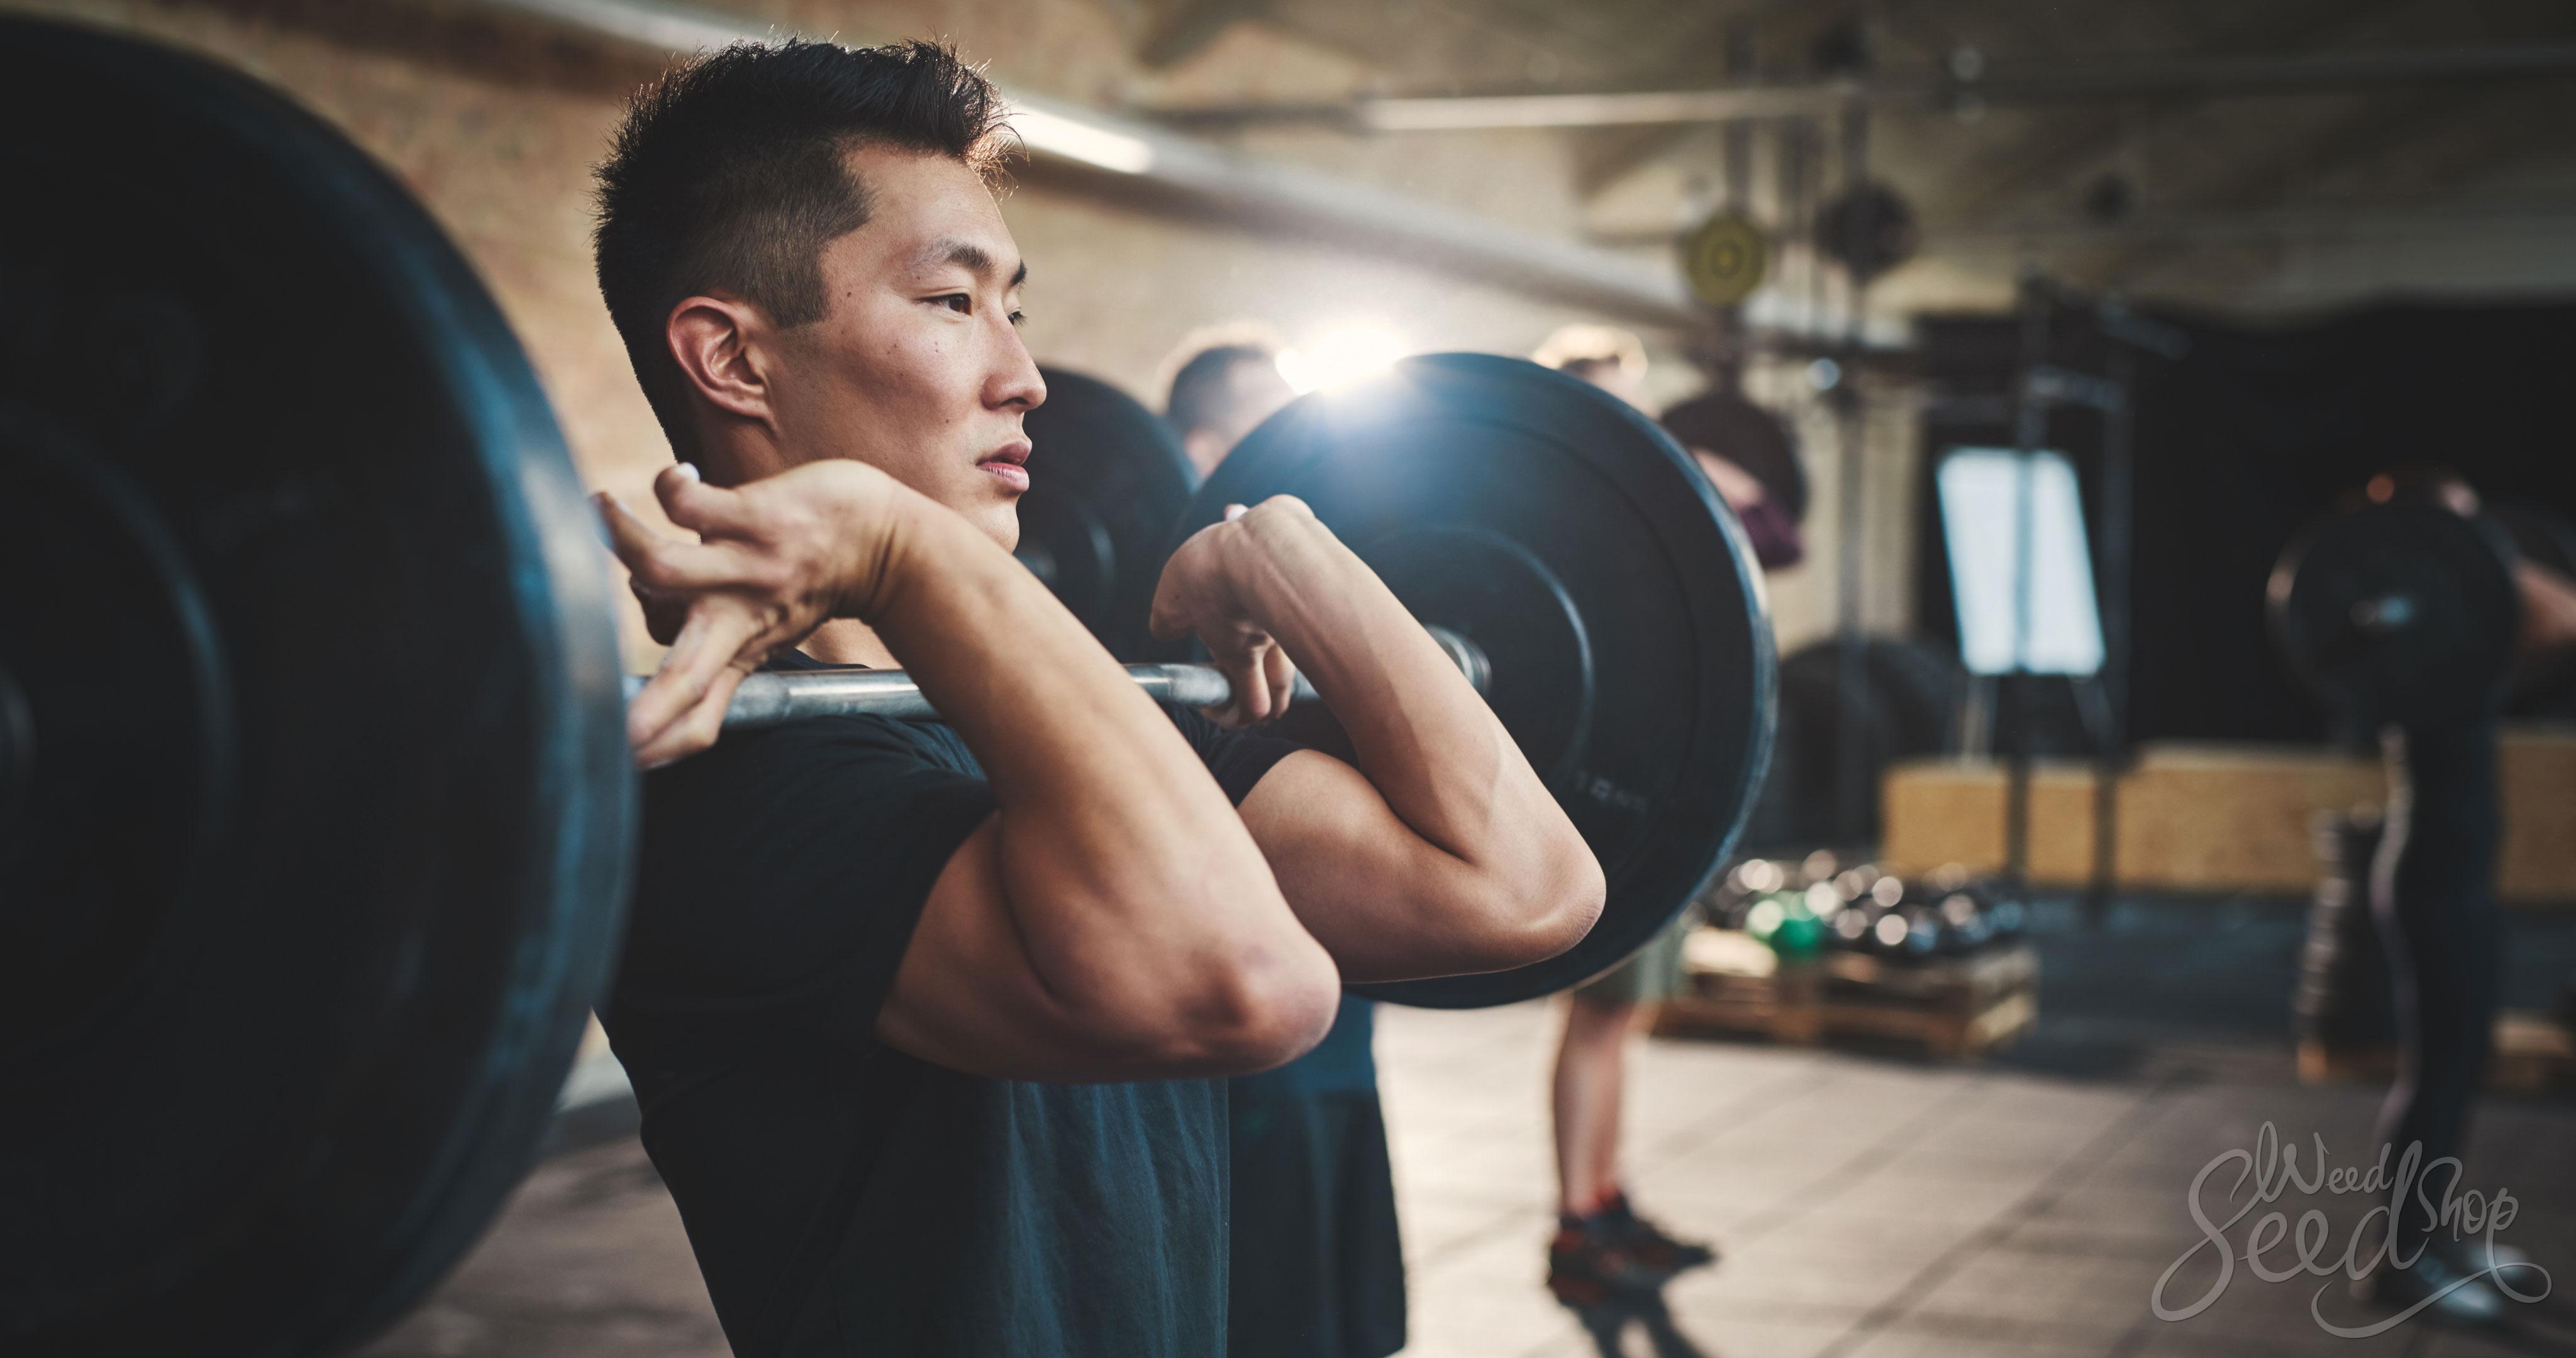 Las mejores 8 cepas para hacer ejercicio - WeedSeedShop